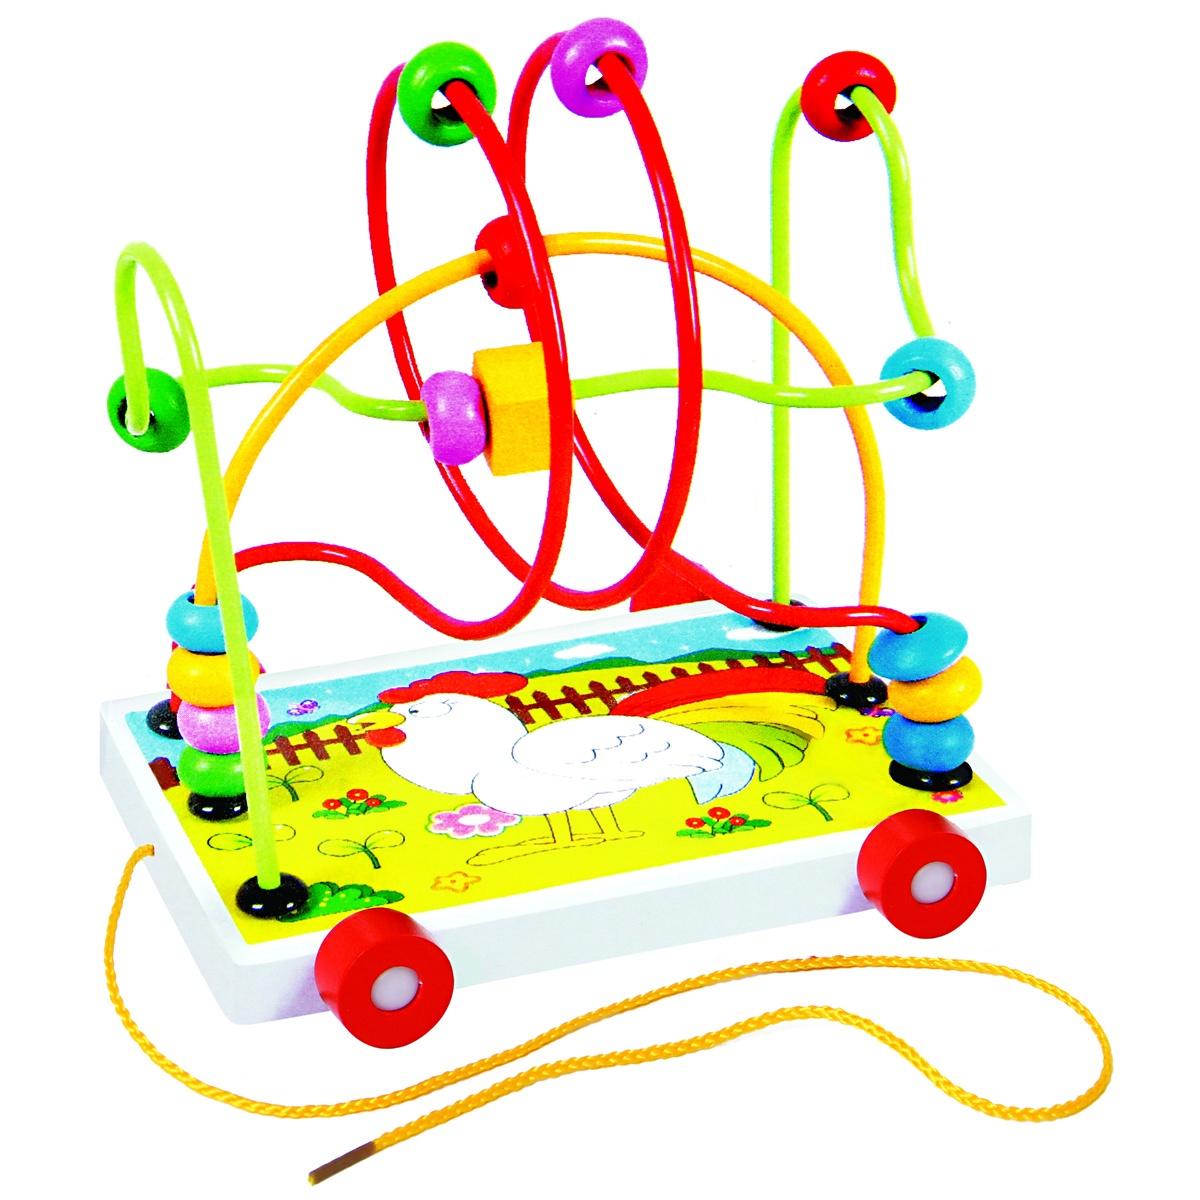 Развивающая игрушка Фабрика Фантазий 54371/, 81131 цена